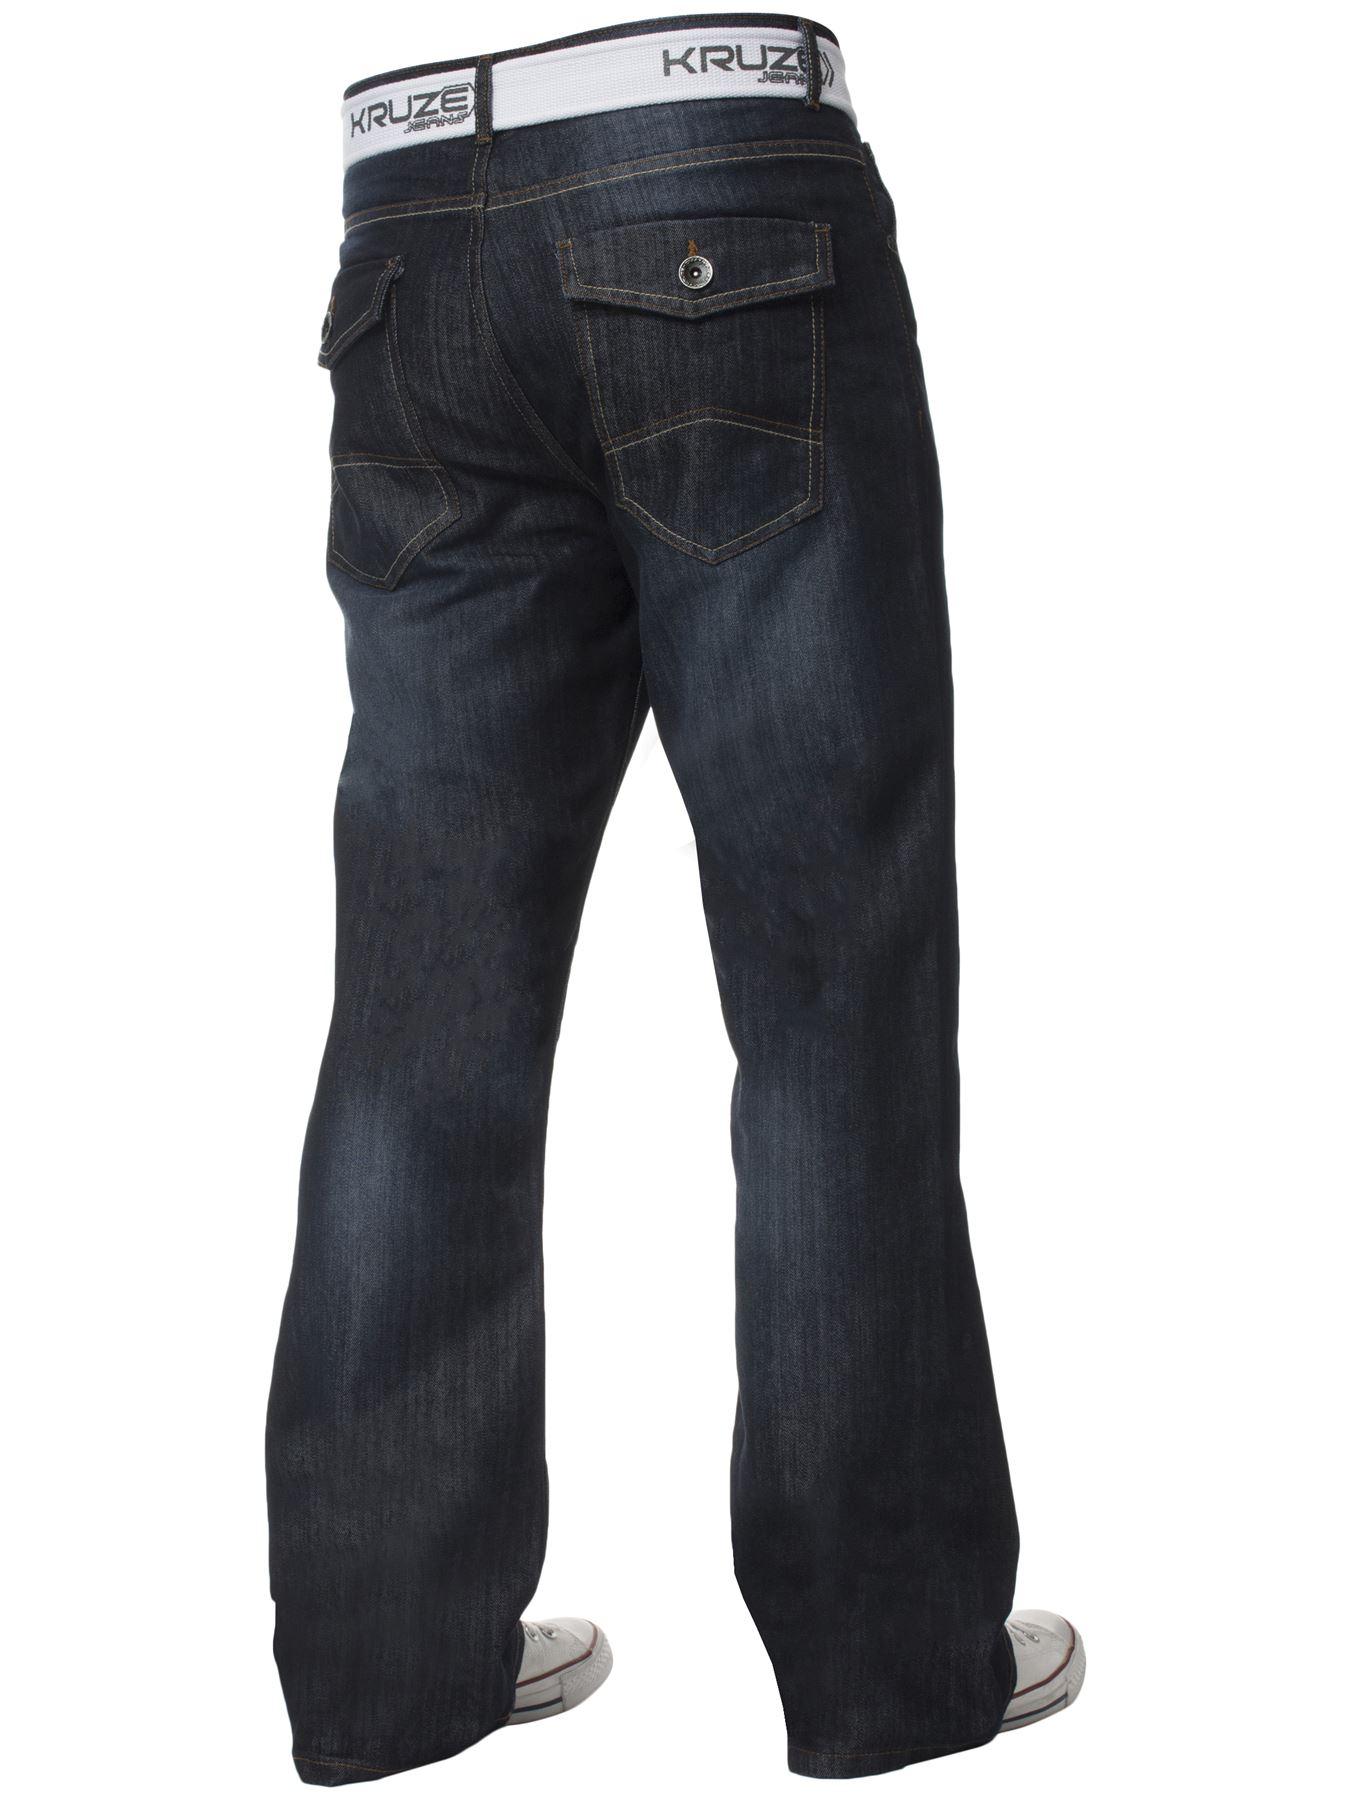 Kruze-Herren-Bootcut-Jeans-Ausgestellt-Weites-Bein-Denim-Hose-Gross-Hoch-Koenig Indexbild 17